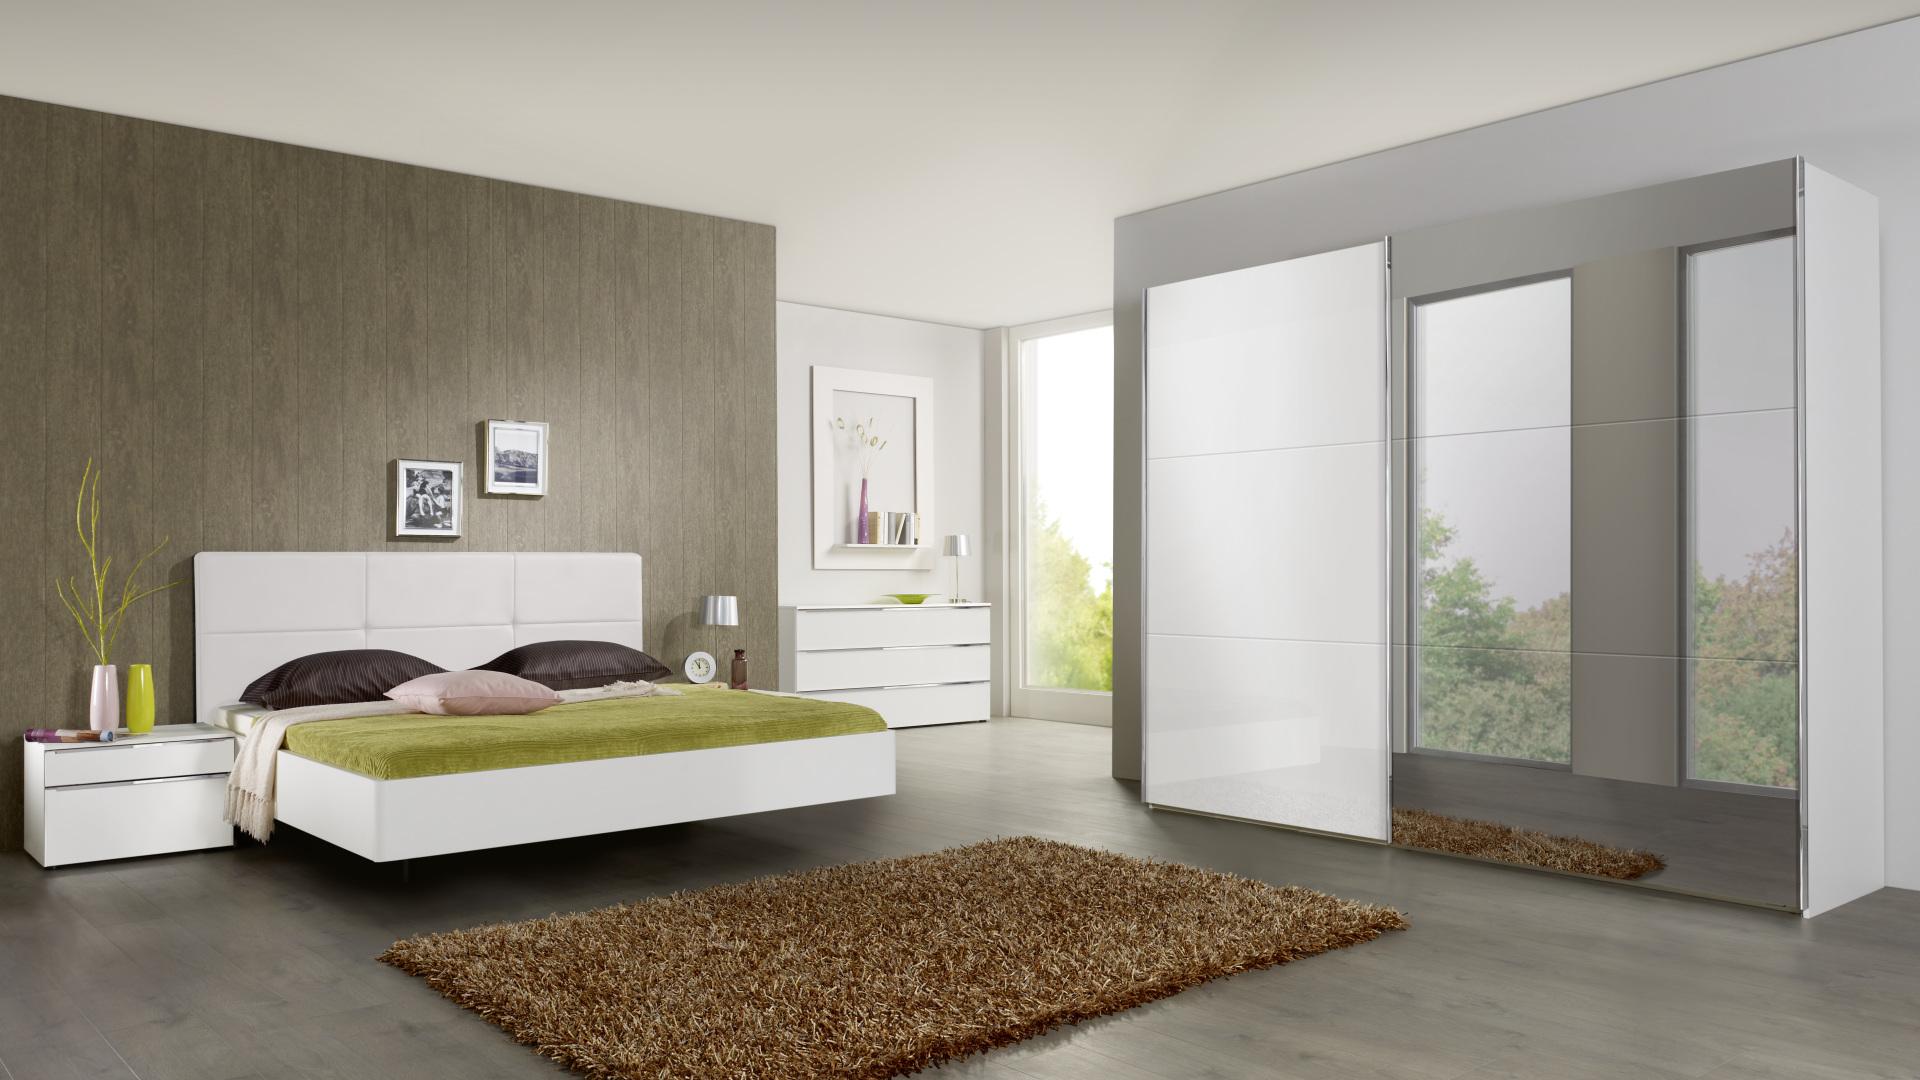 nowoczesna i czysta sypialnia wysokiej jakości